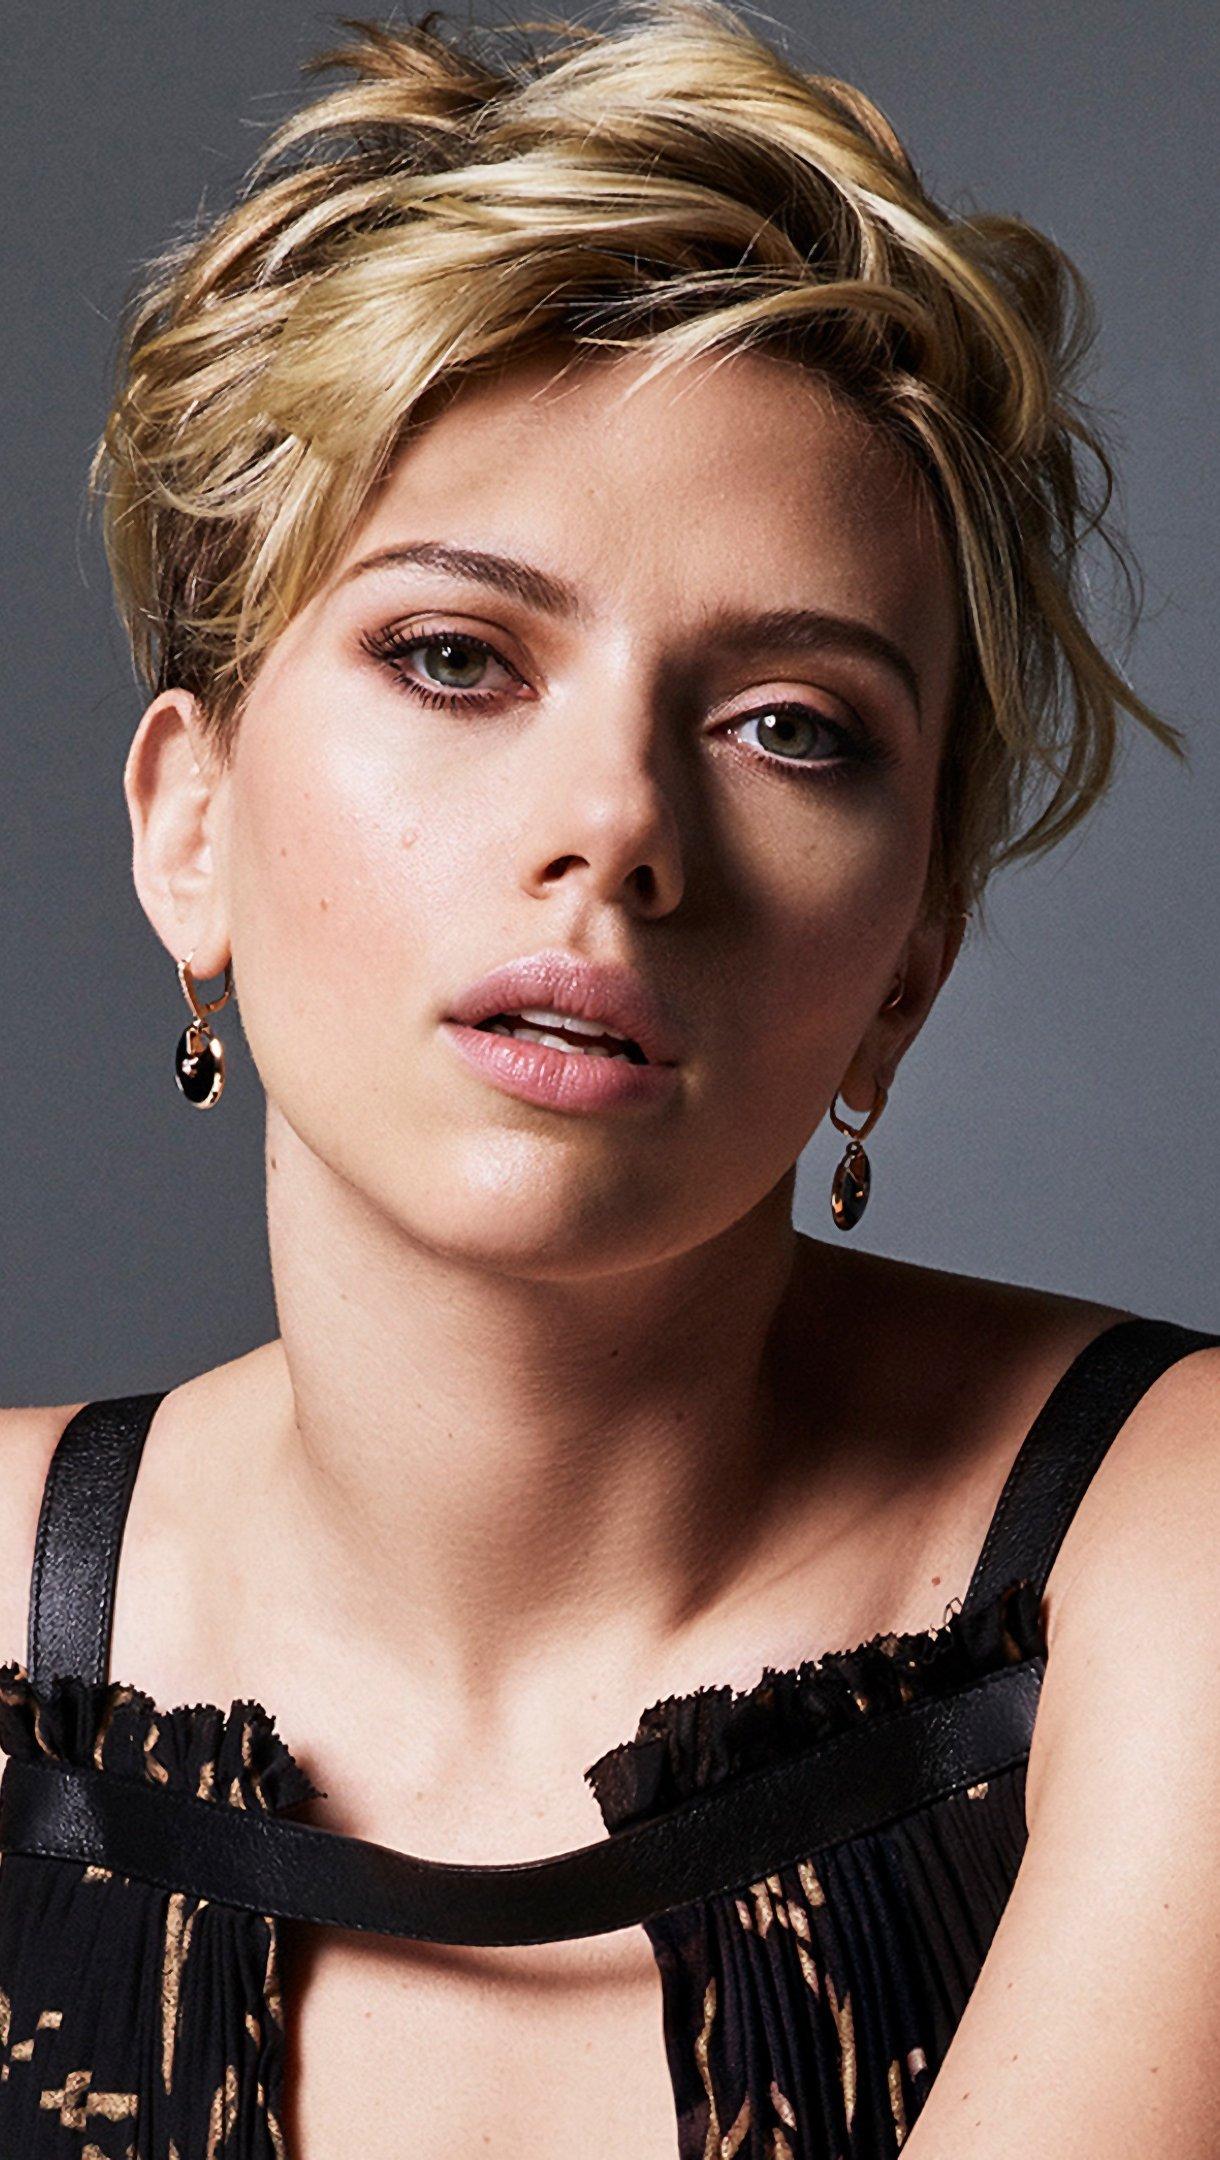 Fondos de pantalla Scarlett Johansson con cabello rubio y corto Vertical